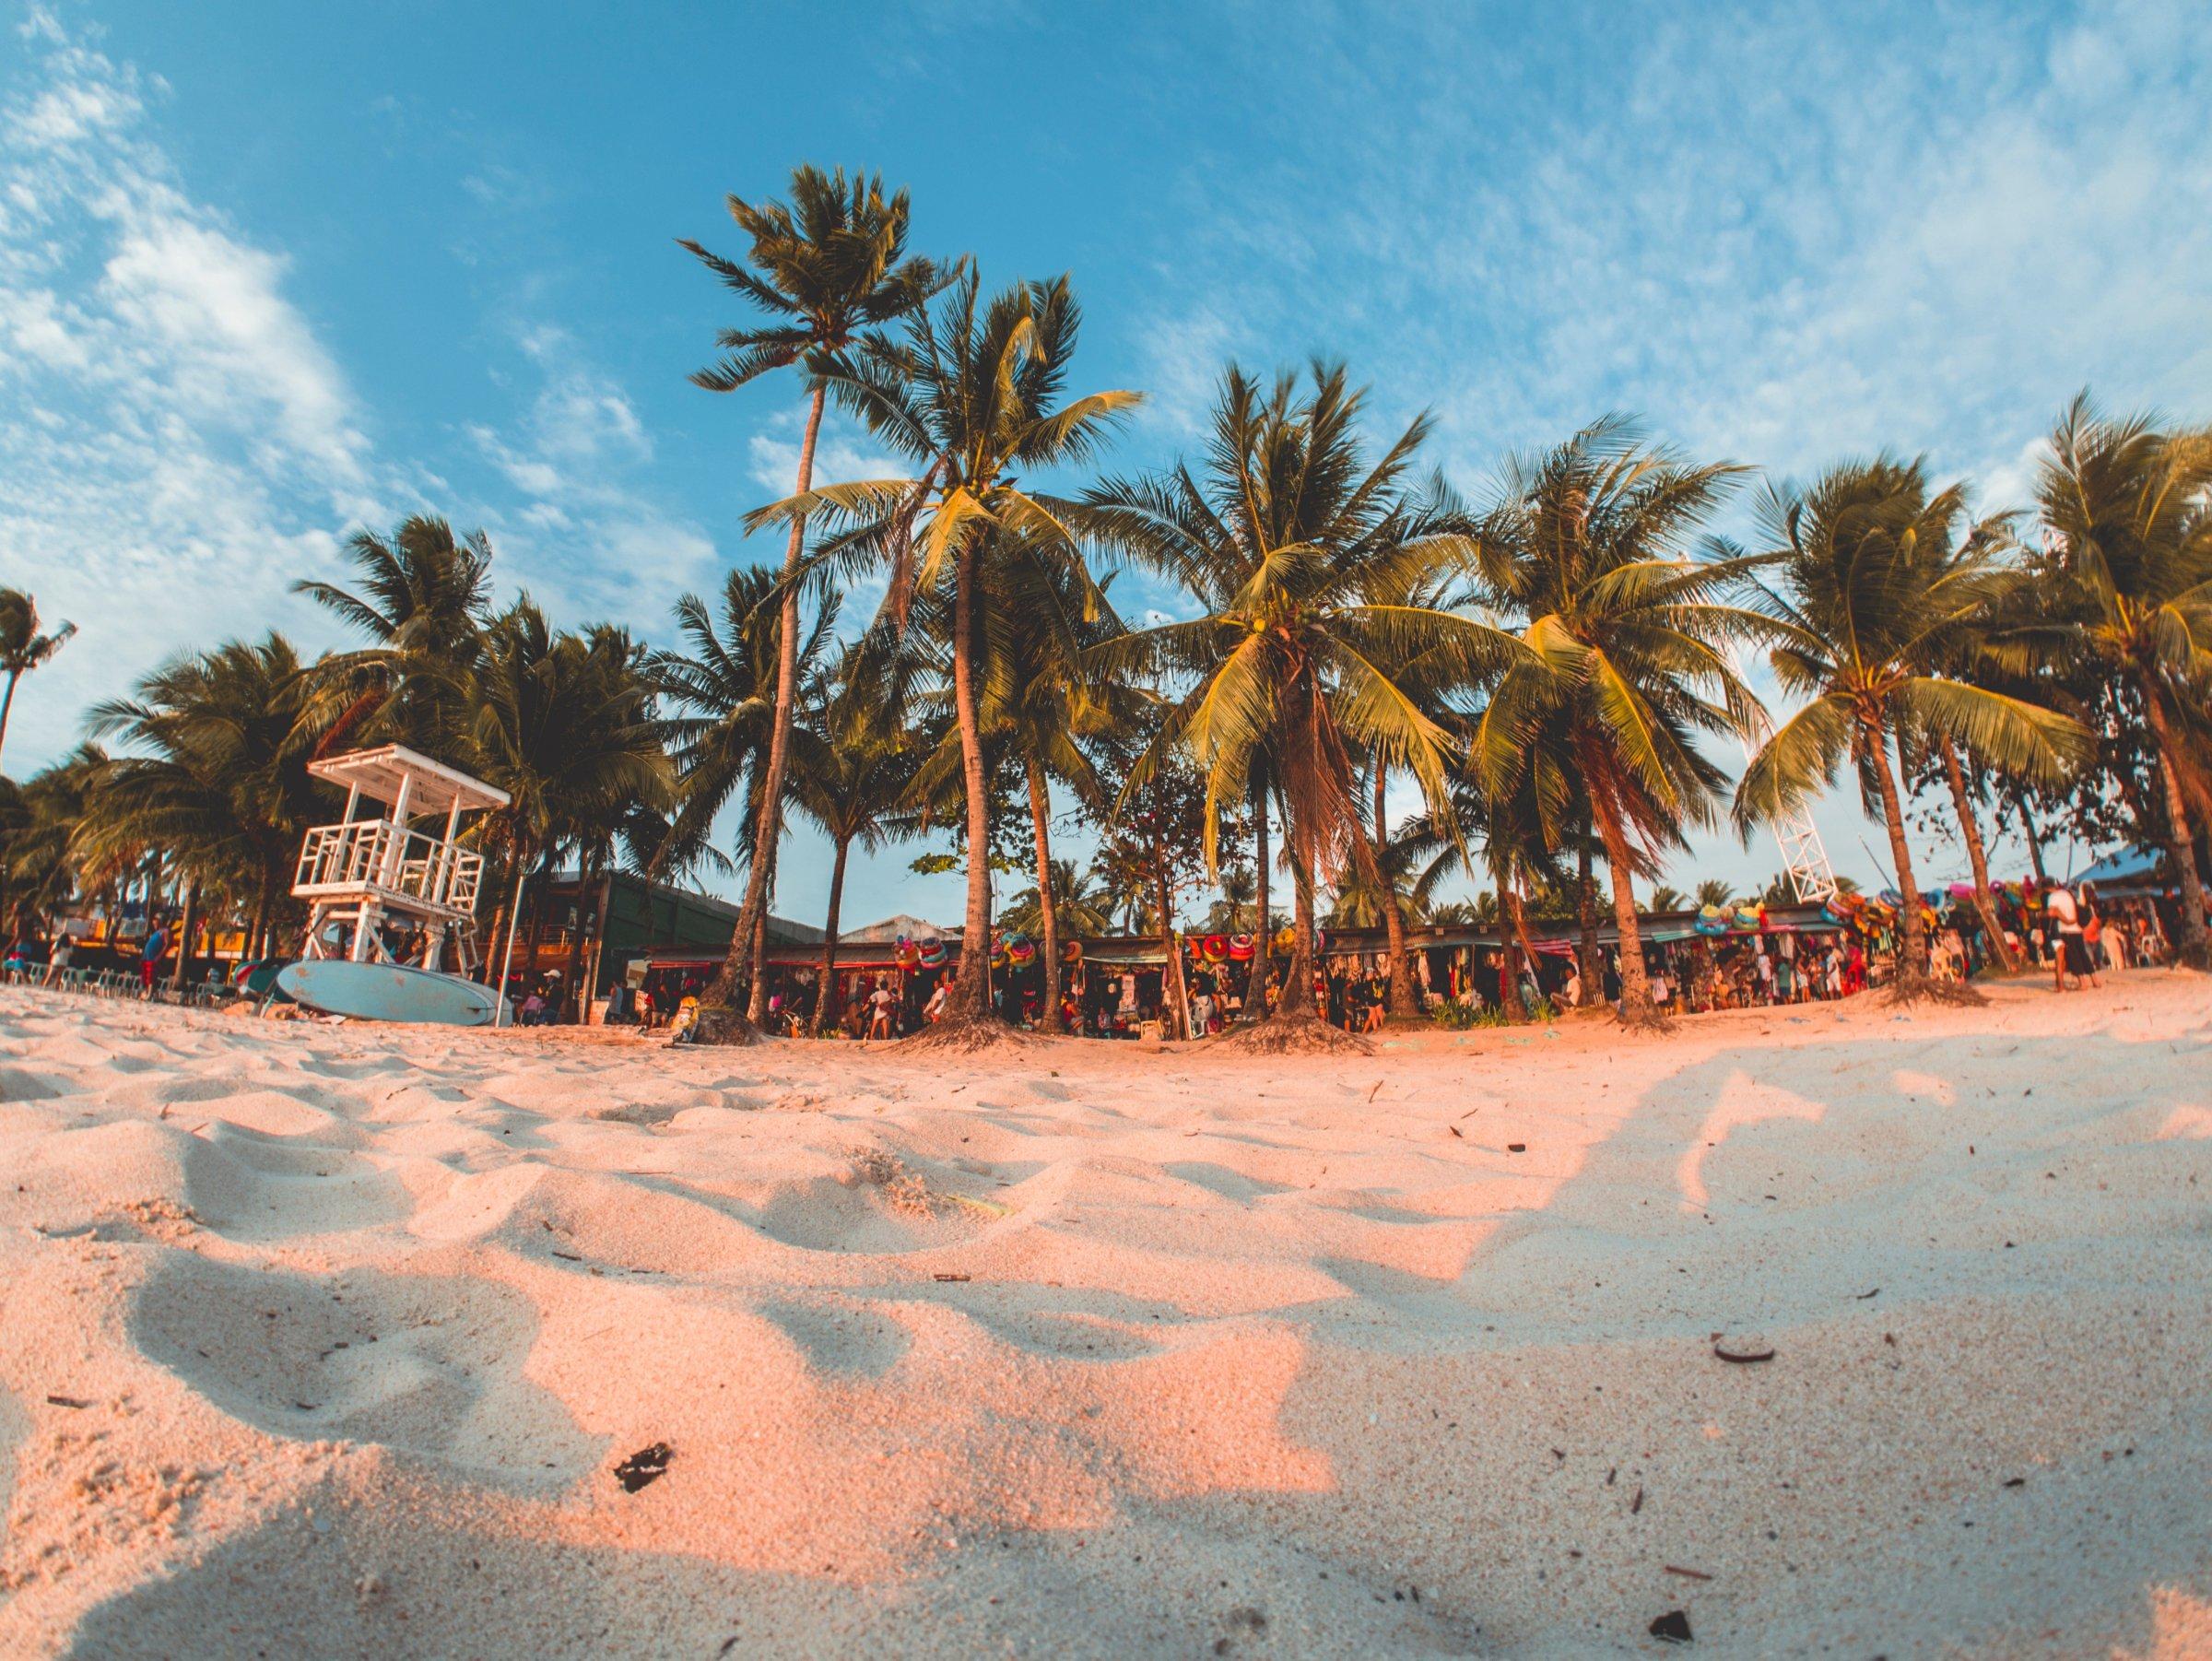 10-Day Manila & Boracay Adventure - Philippines Itinerary